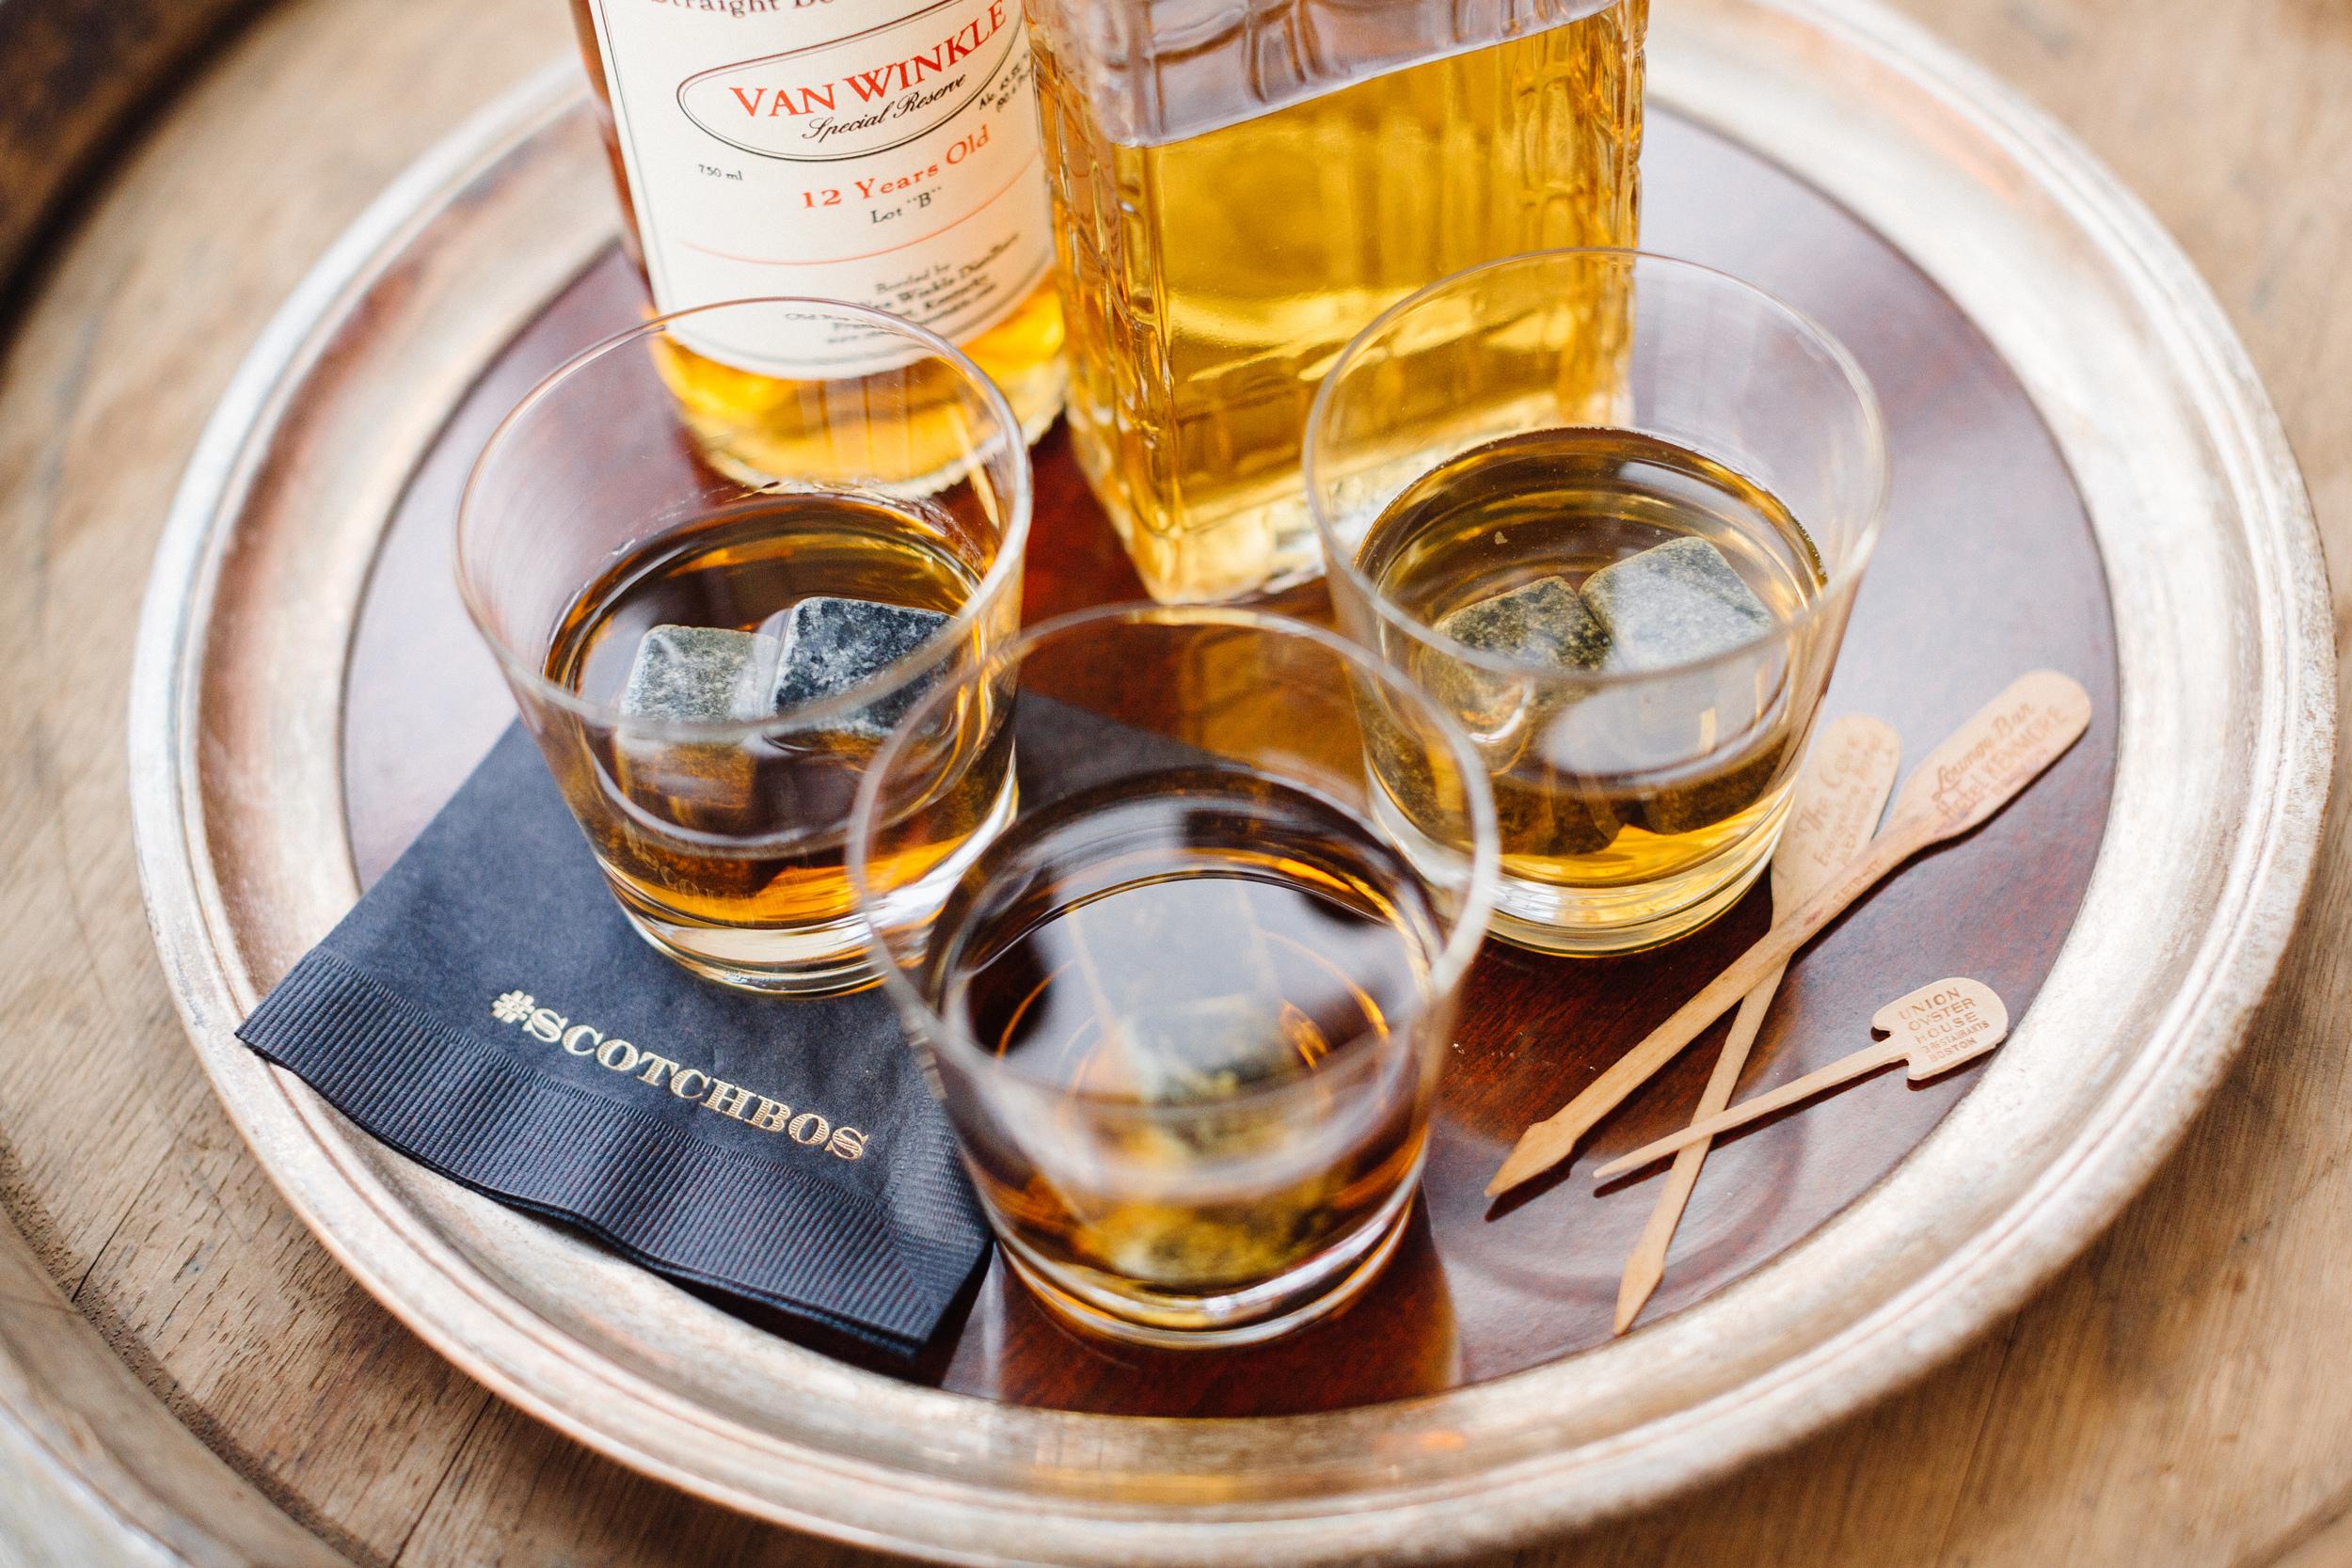 bash-studio-kathryn-yee-scotch-night-whiskey-tasting.jpg